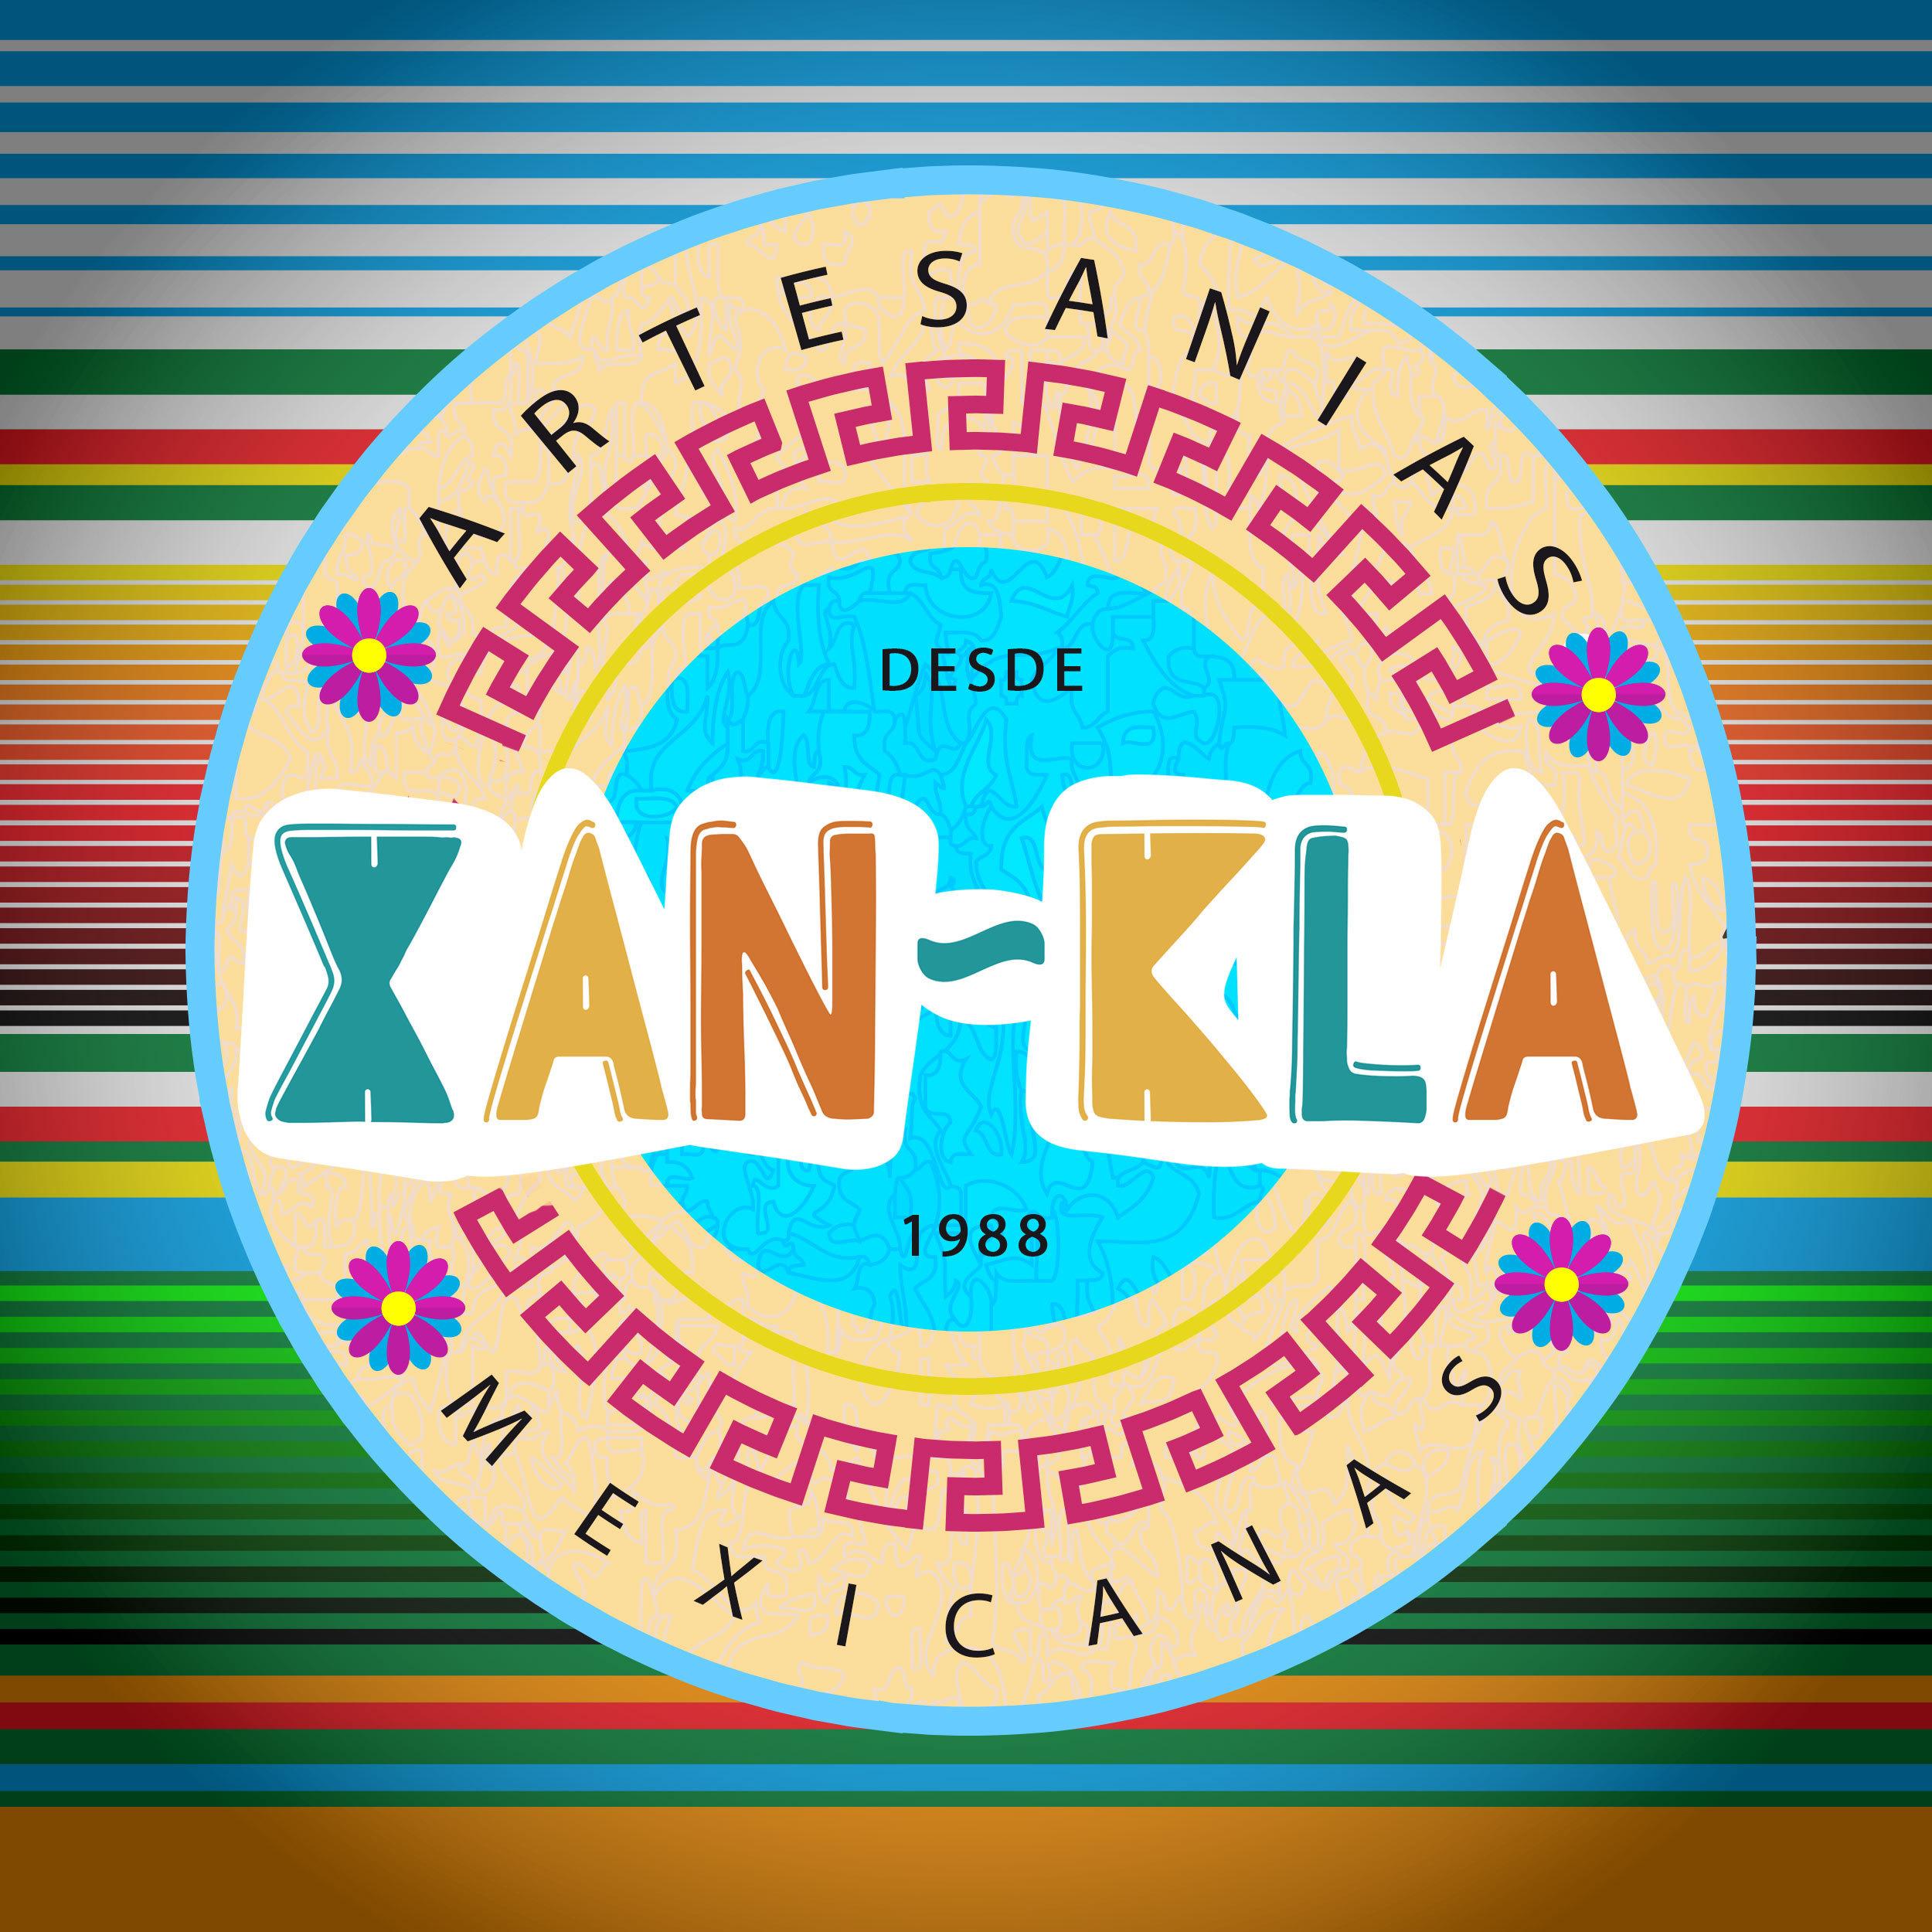 Handmade shoes and sandals Artesanias mexicanas. por xankla en Etsy